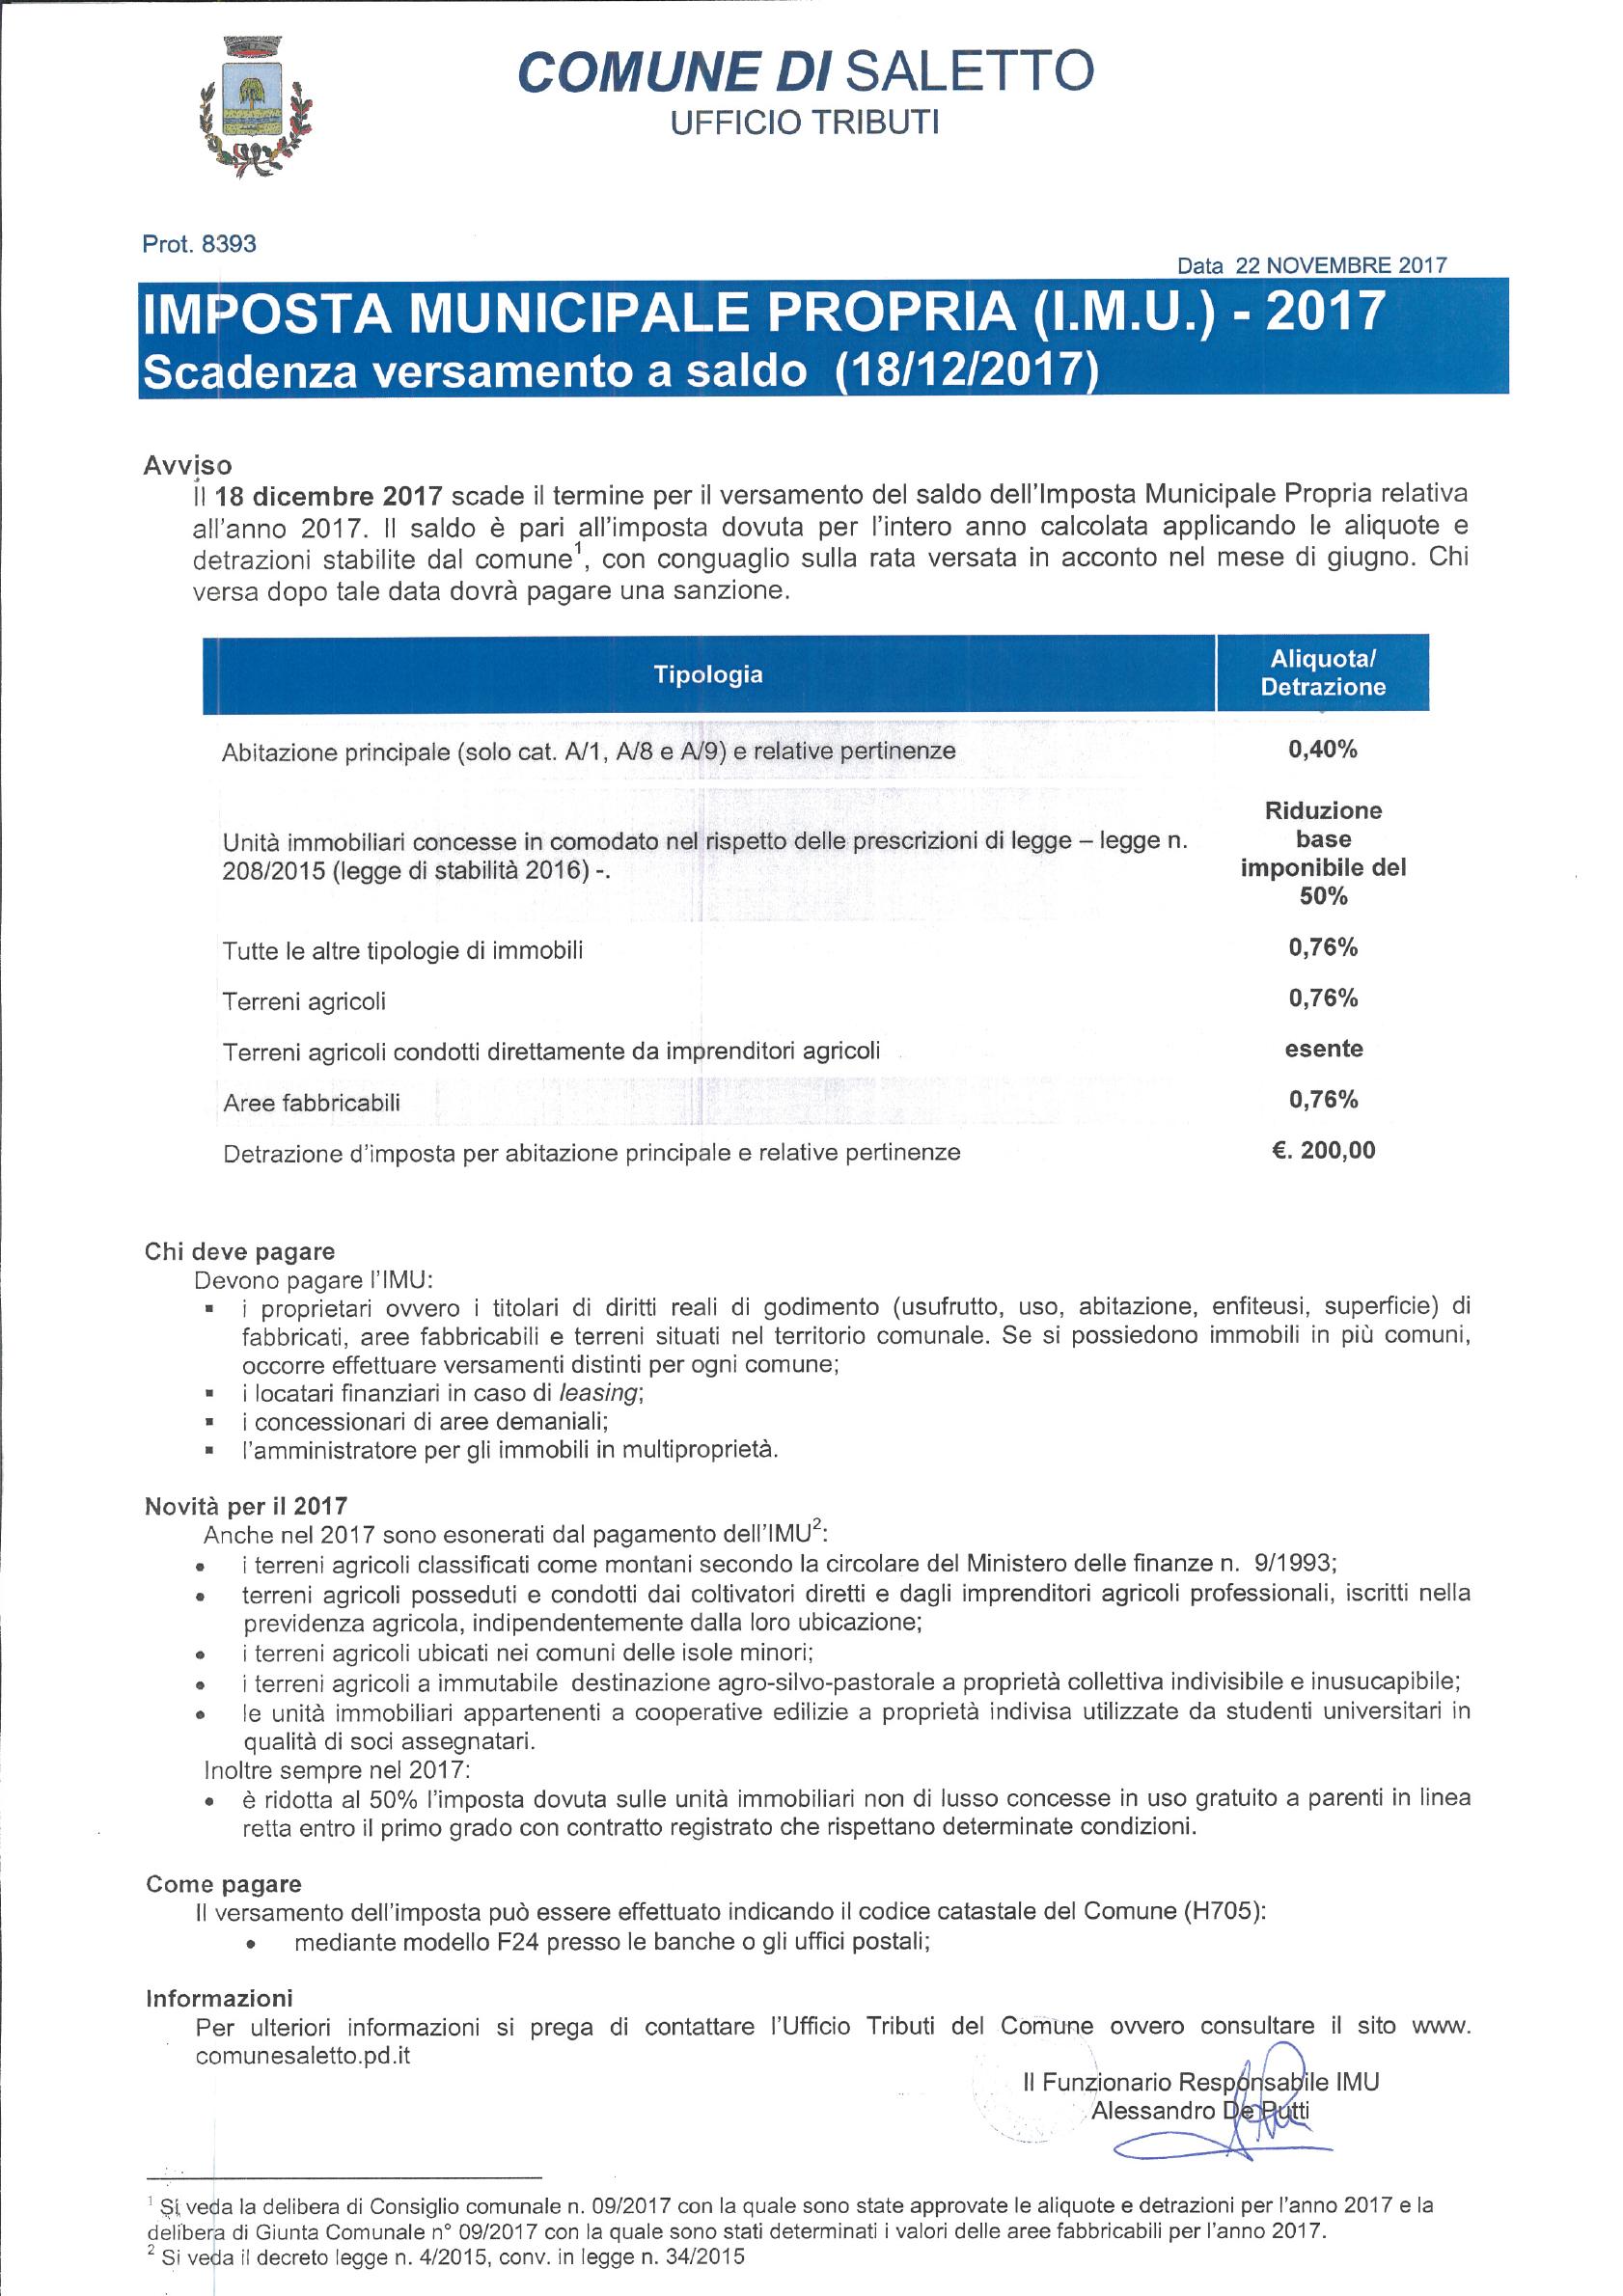 Imposta comunale propria imu 2017 scadenza versamento for Scadenza versamenti unico 2017